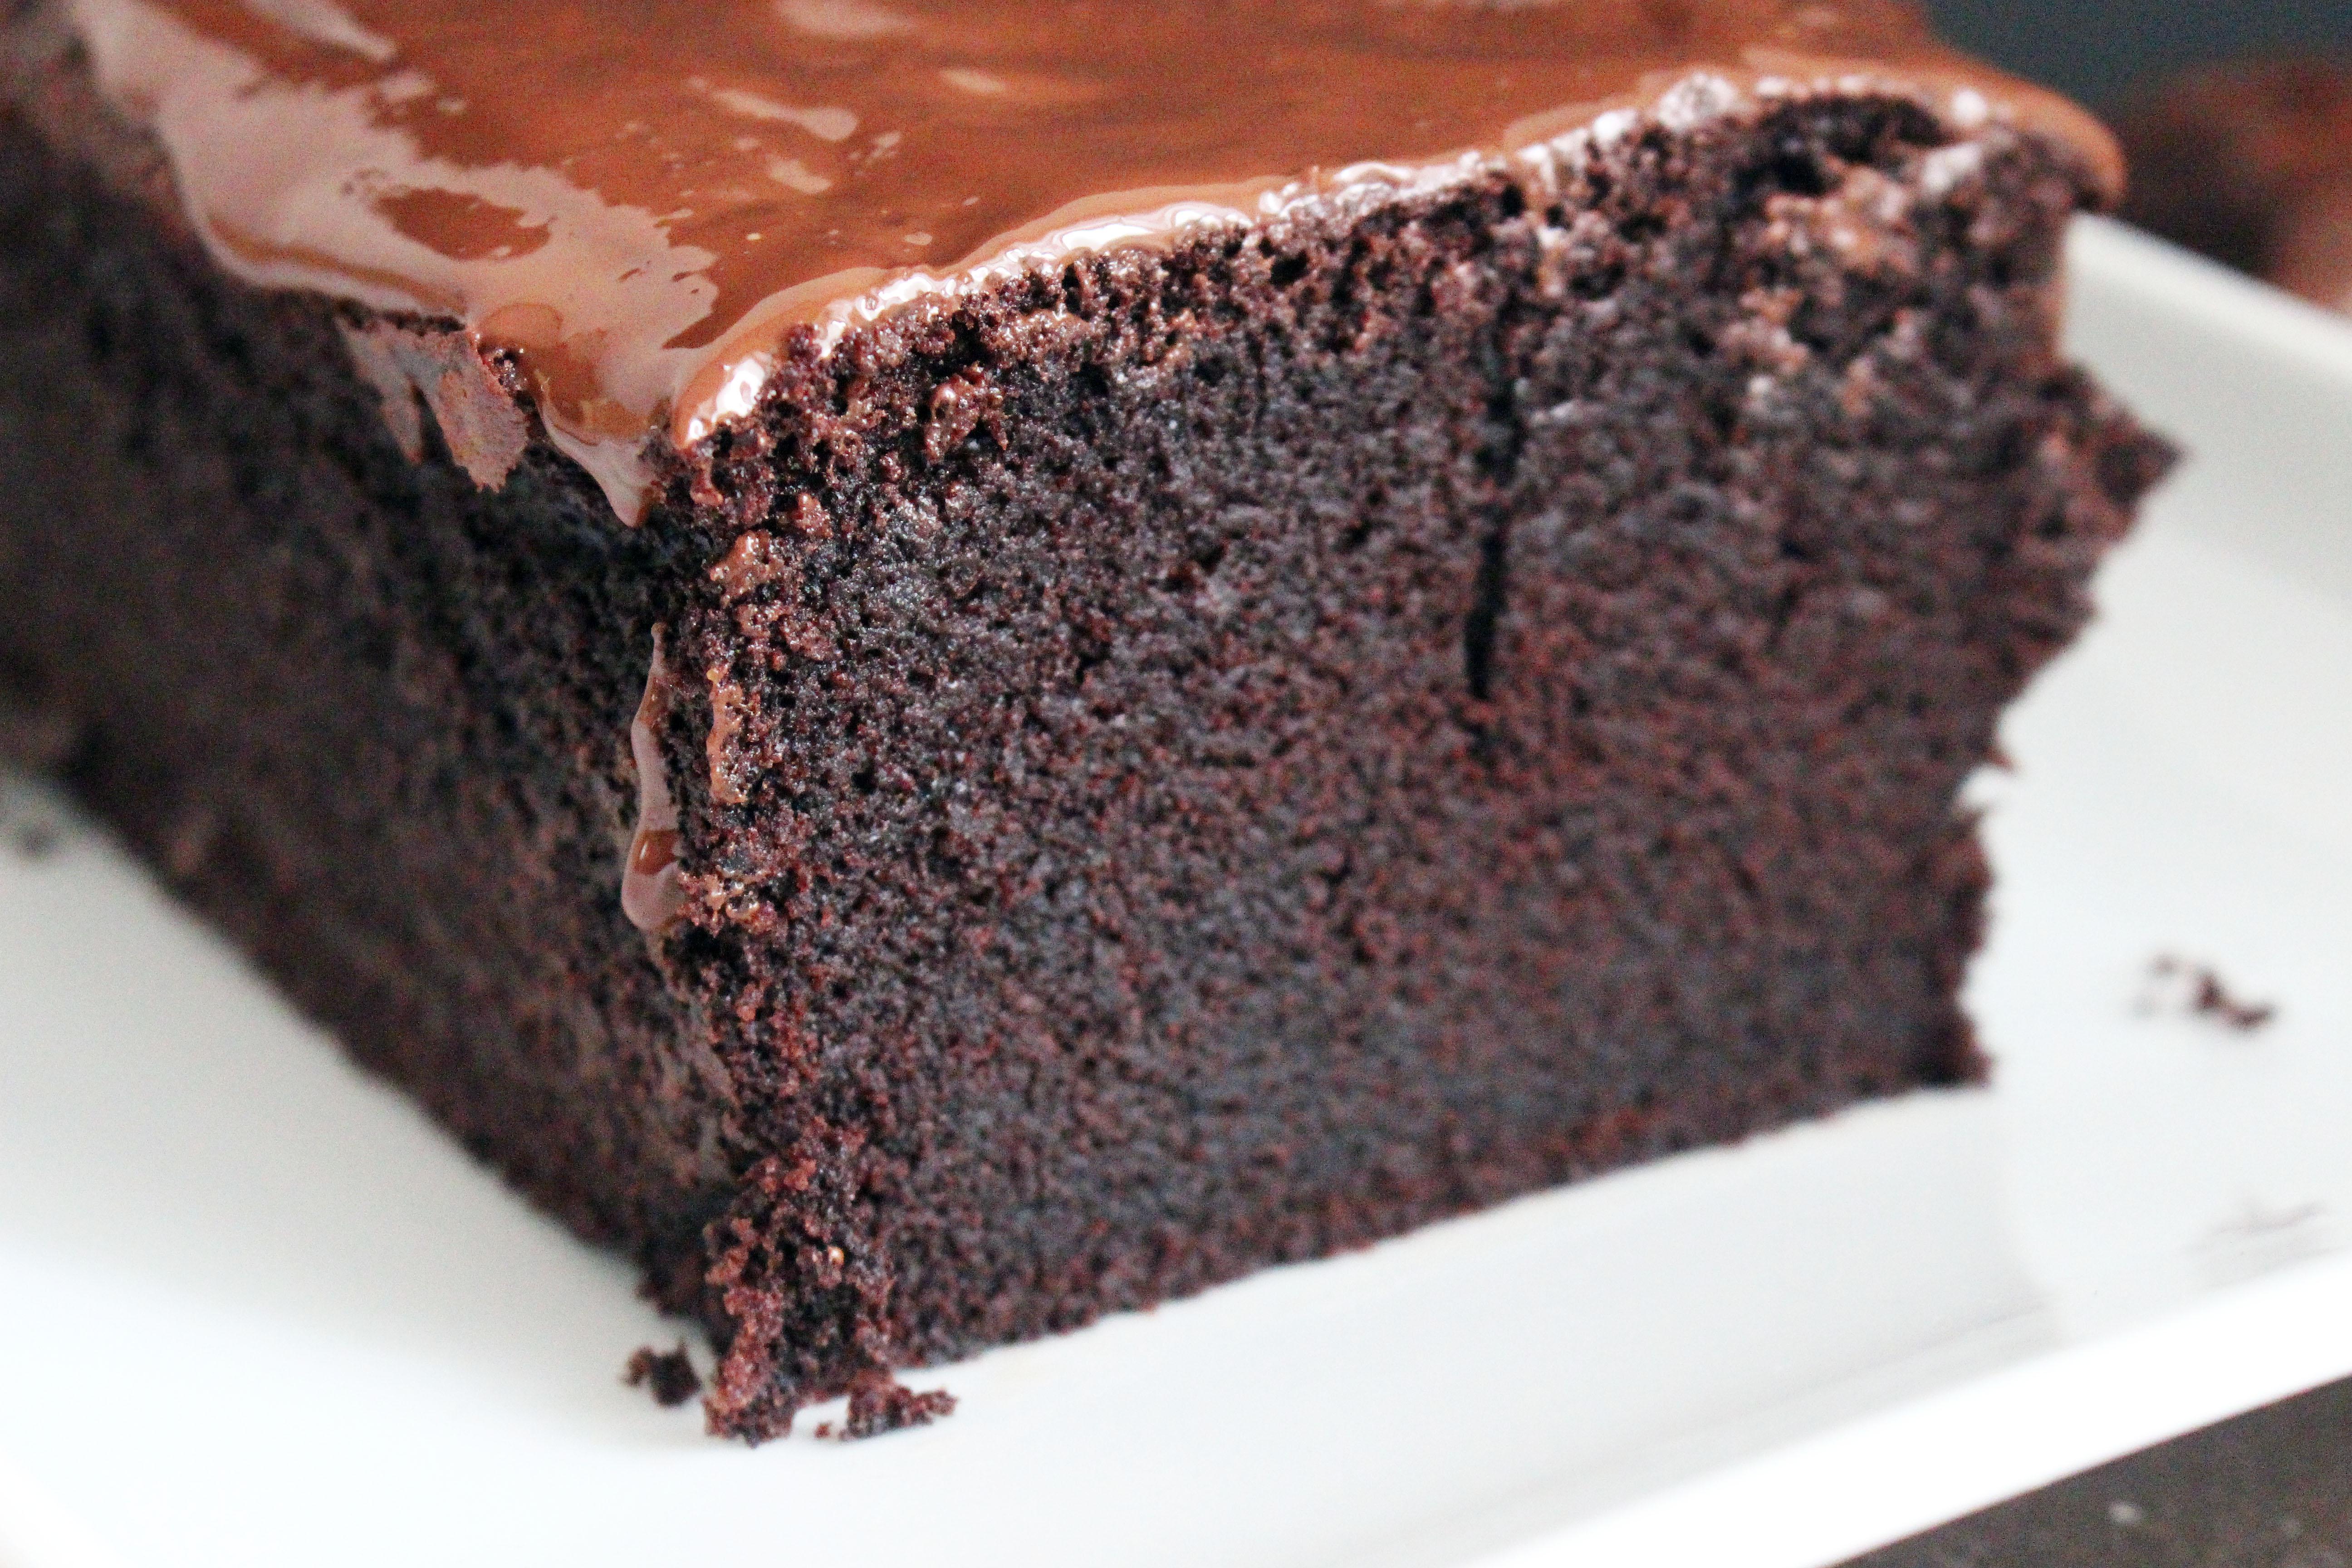 Saftiger Schokoladenkuchen aus dem neuen Buch von Donna Hay